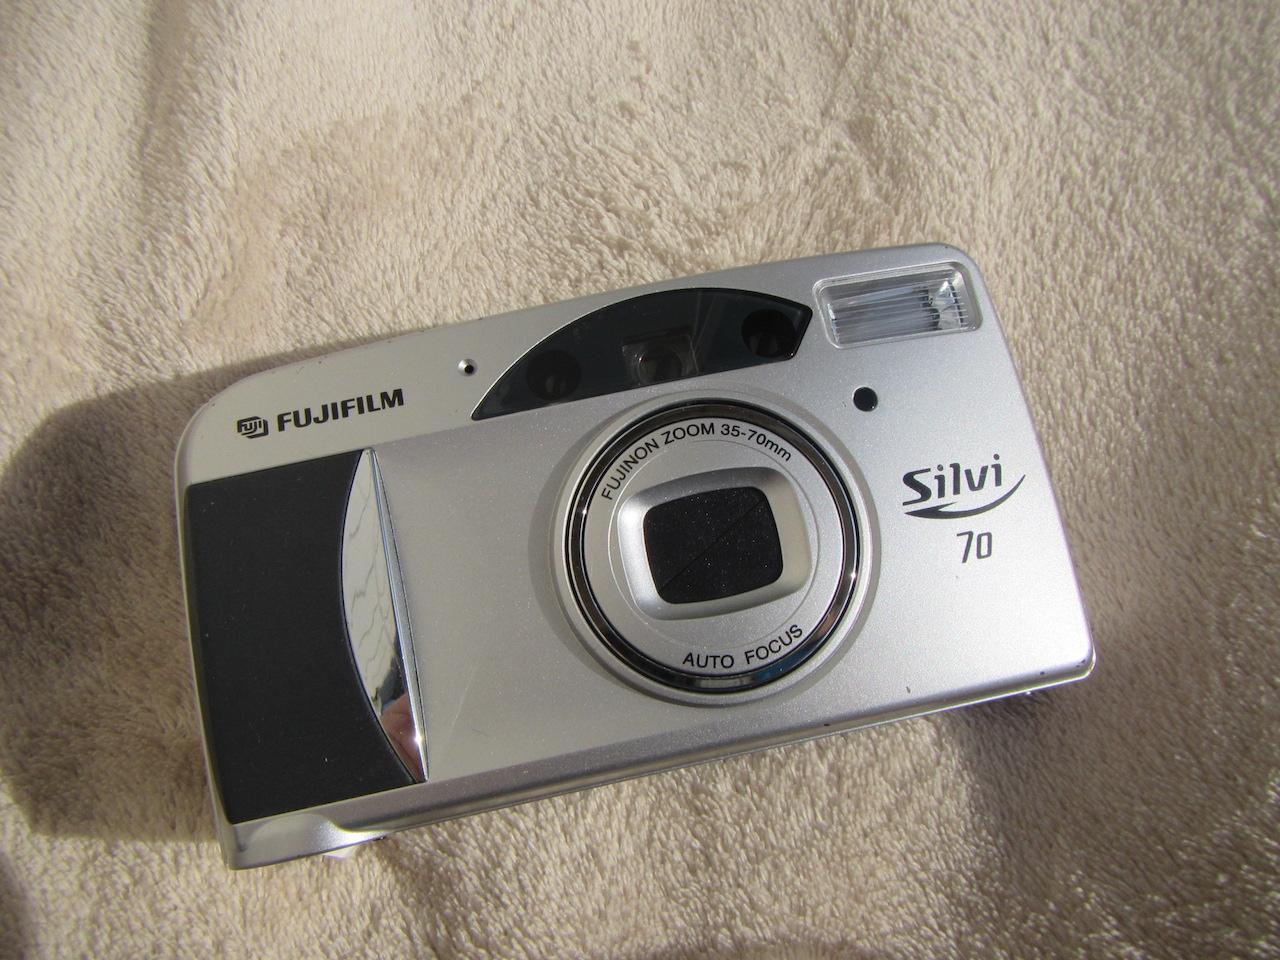 Fujifilm Silvi 70